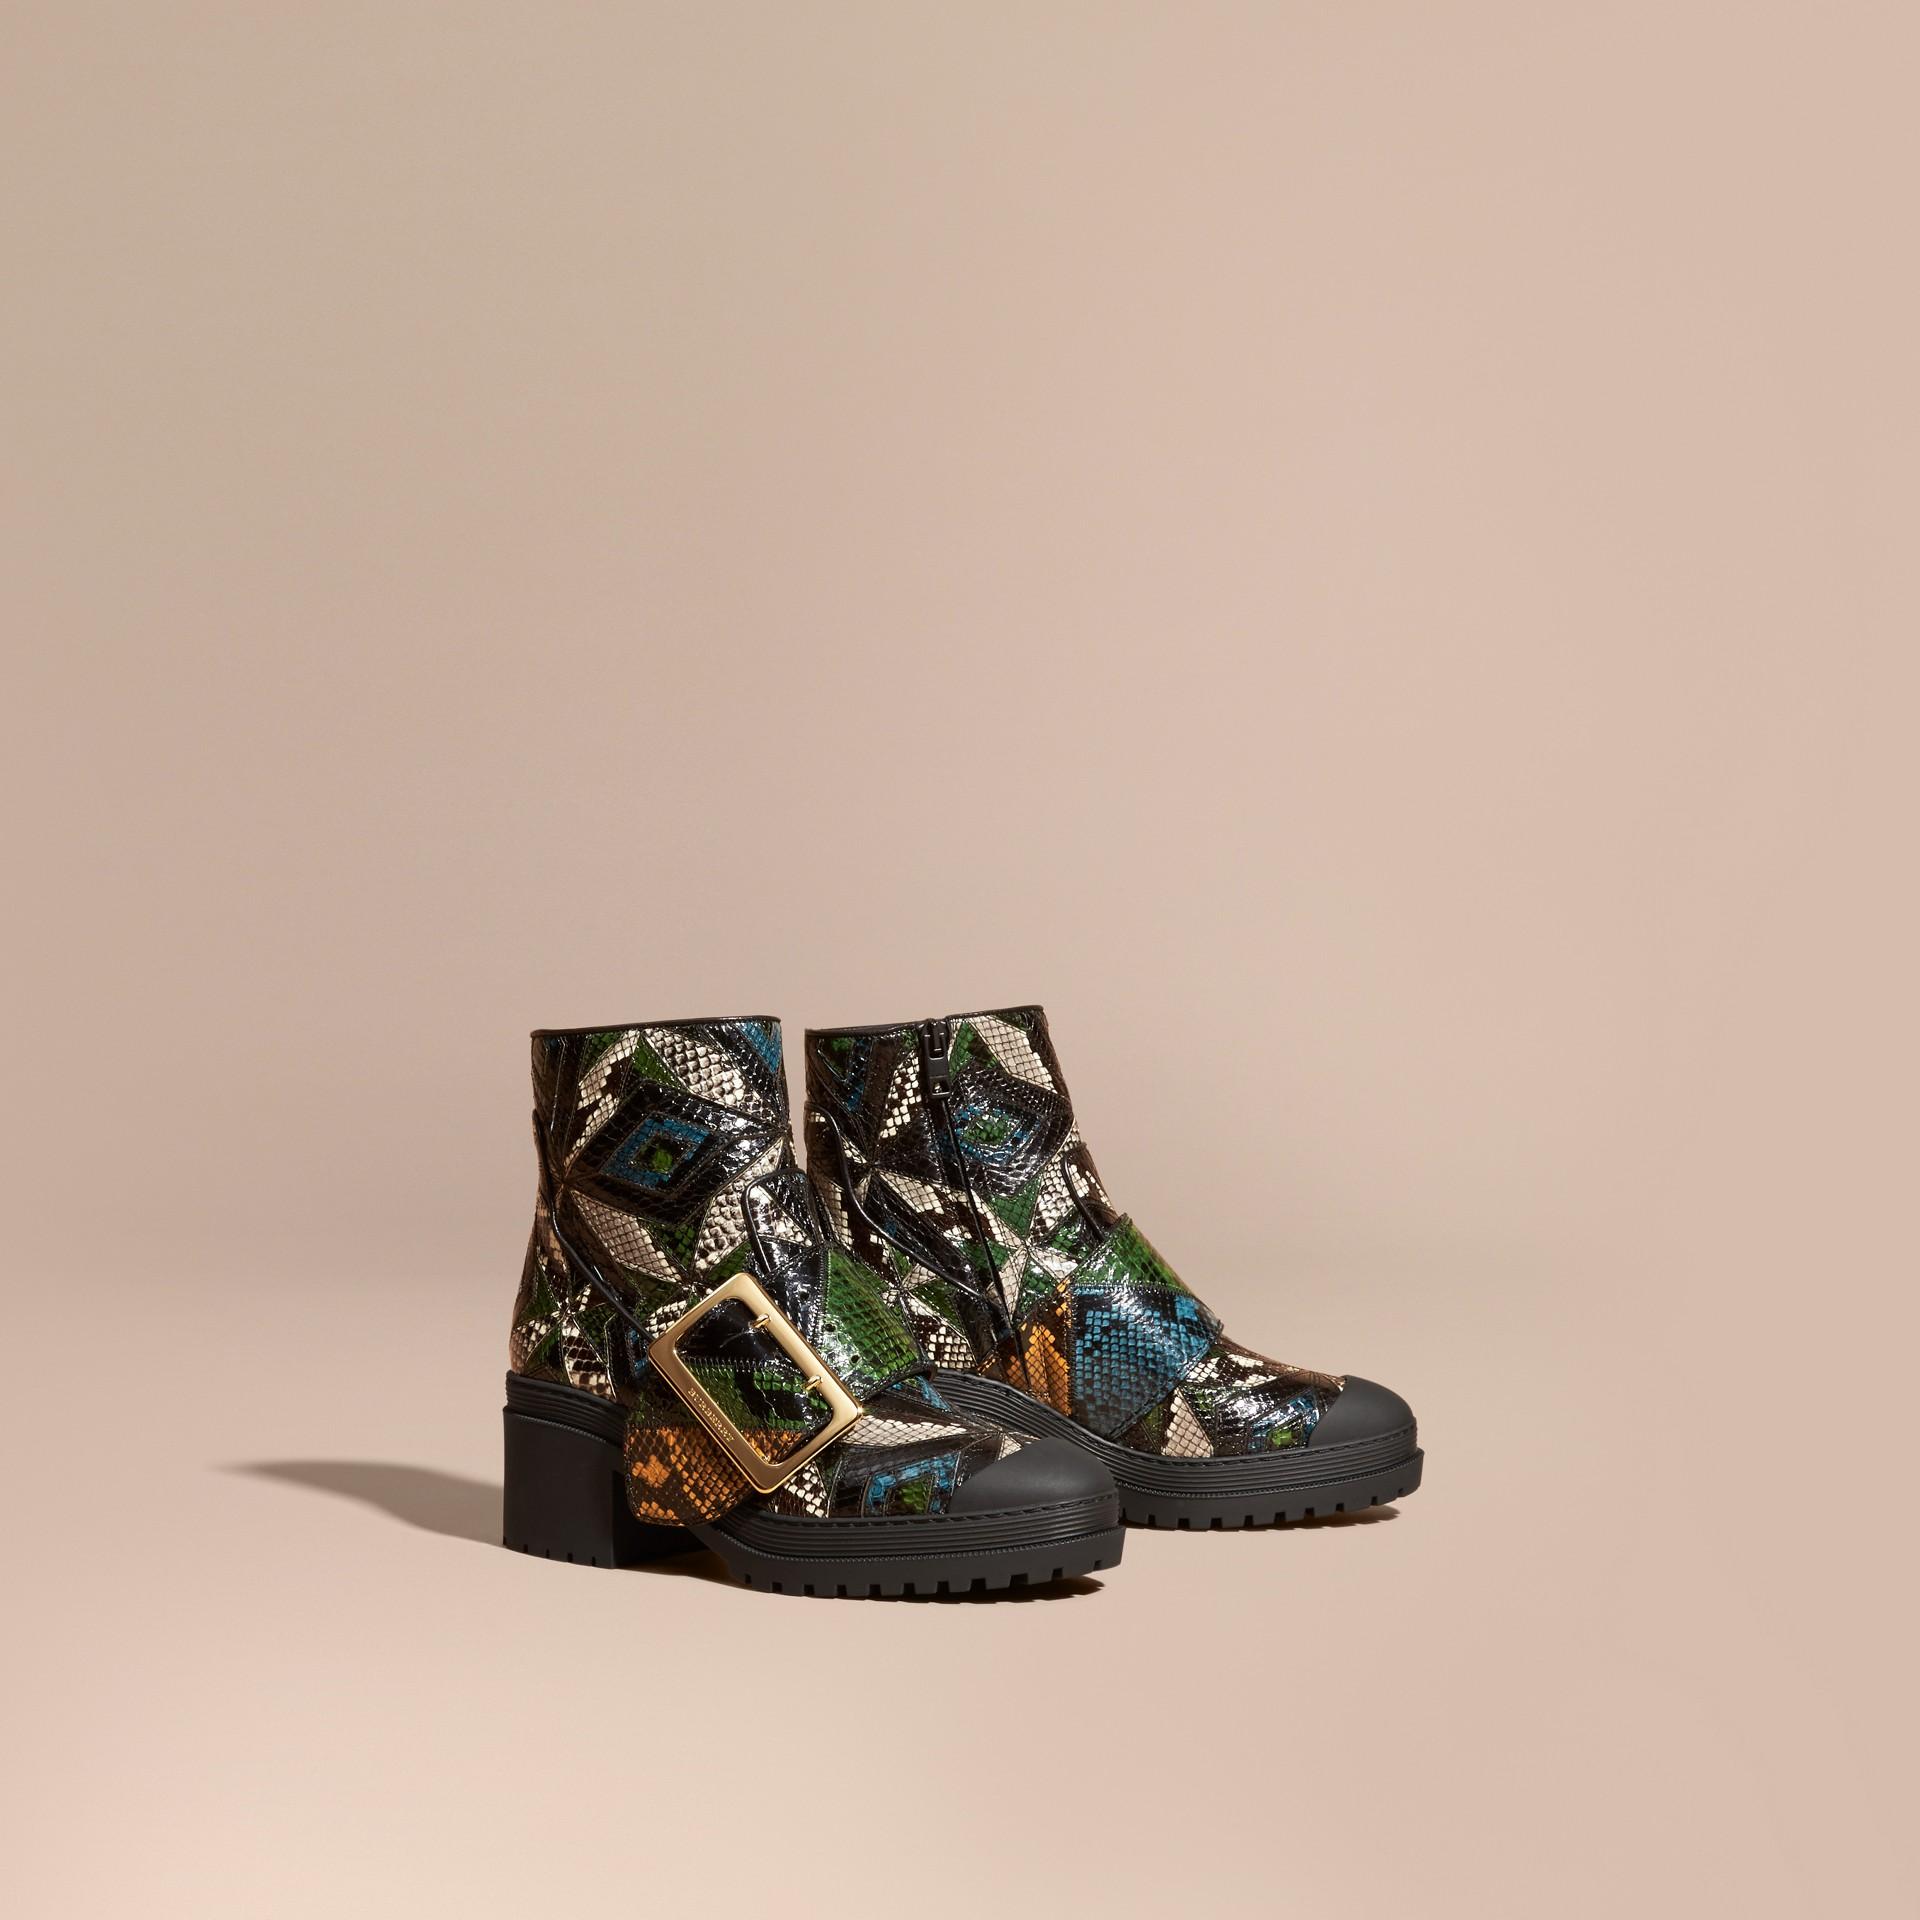 Nero/blu minerale Stivali The Buckle in pelle di serpente - immagine della galleria 1